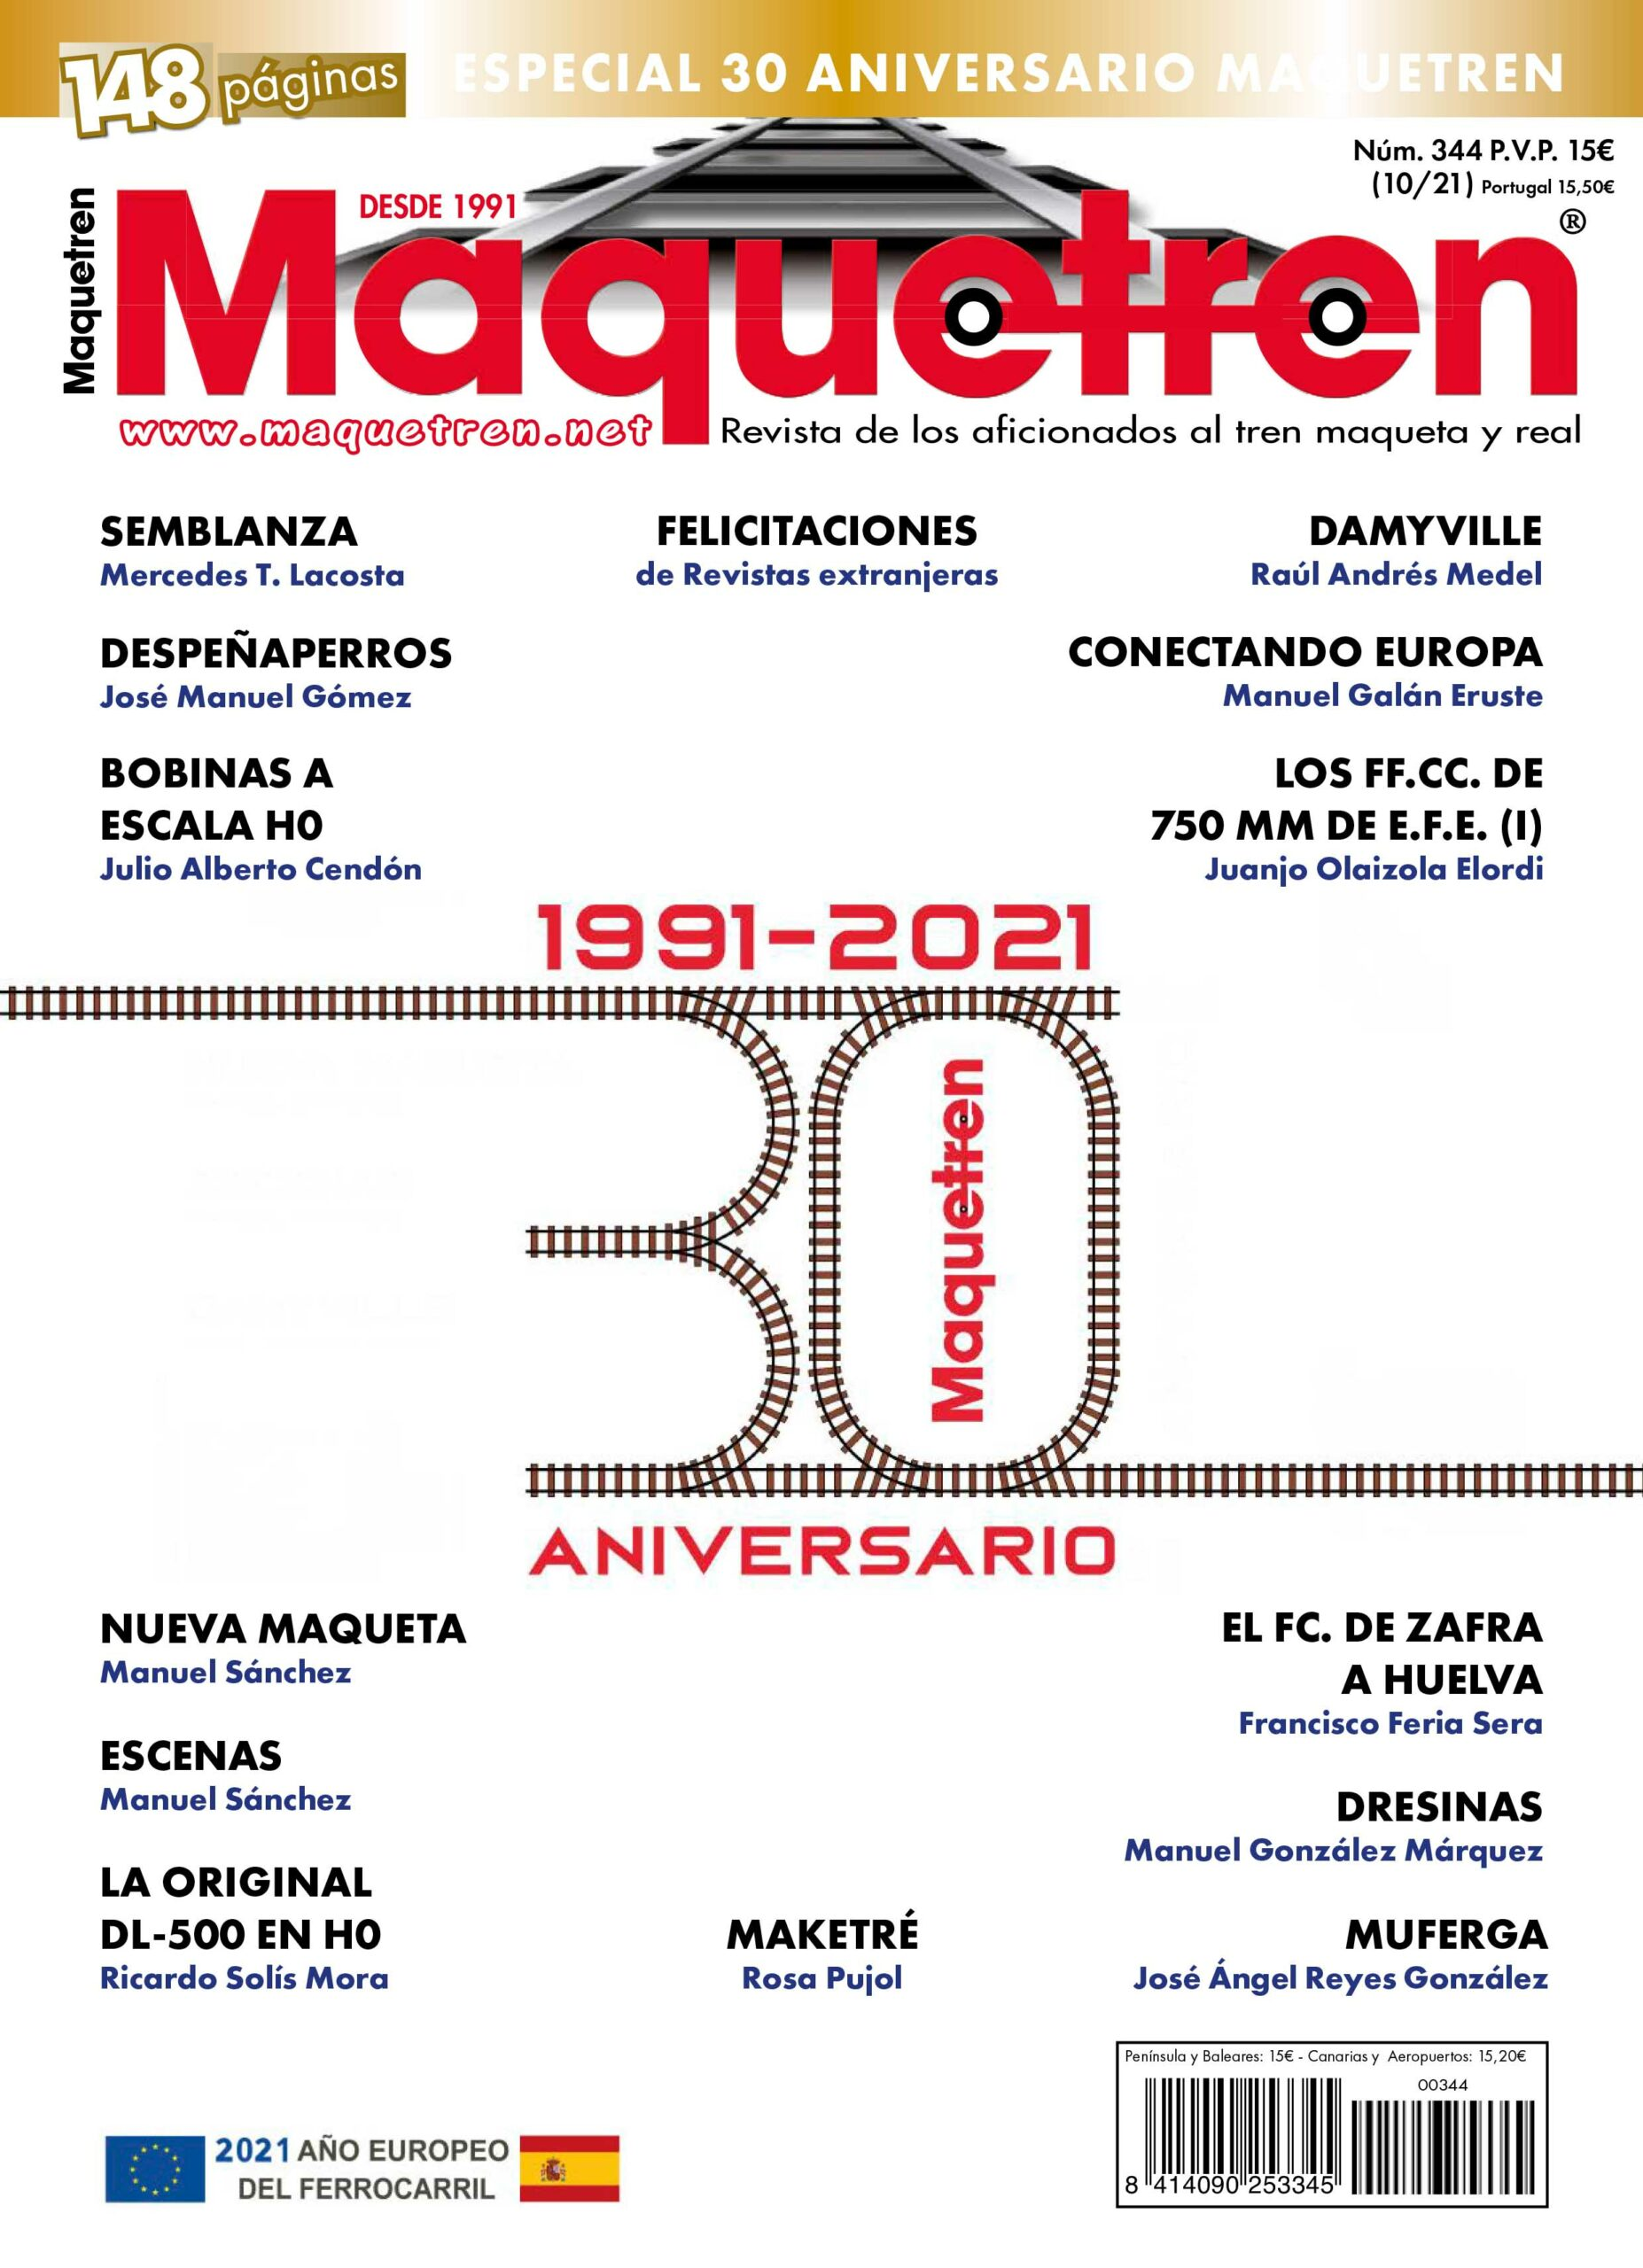 Maquetren 343